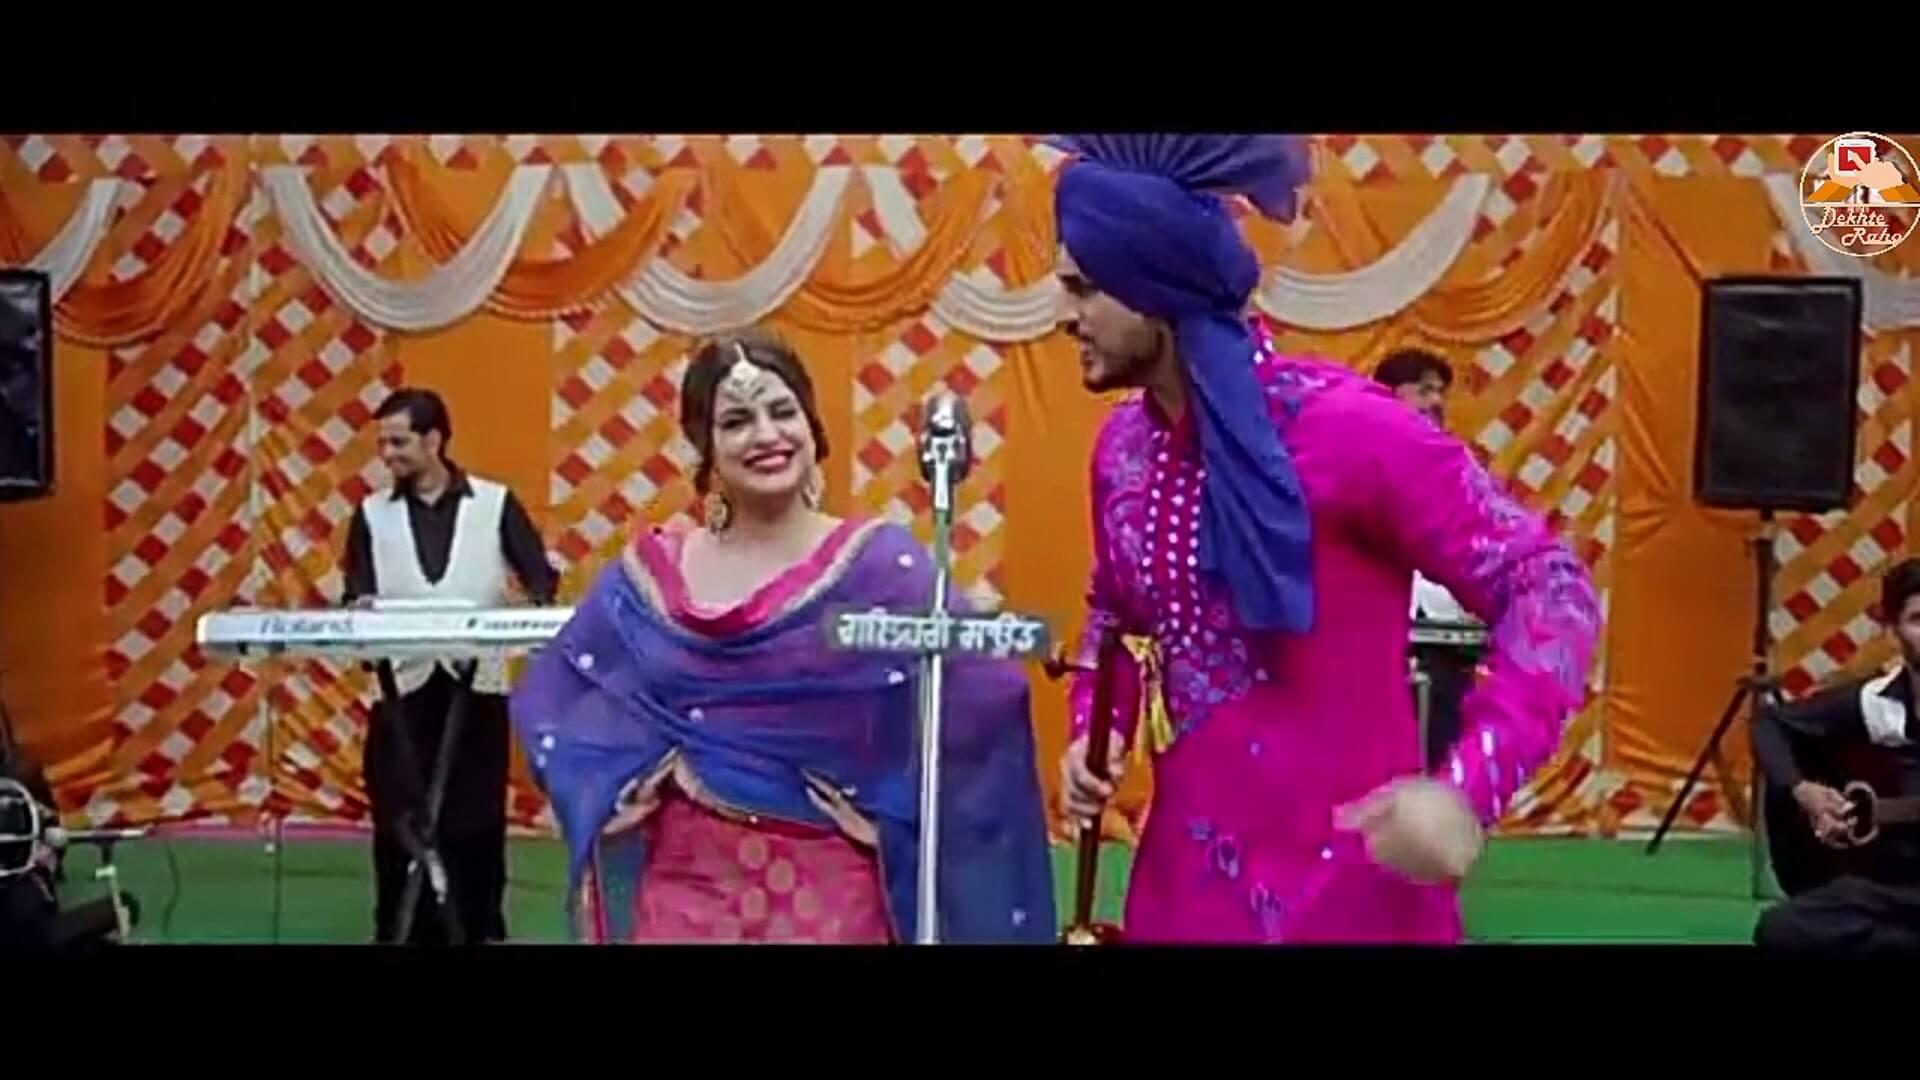 Udhar Chalda Song Mp3 Download